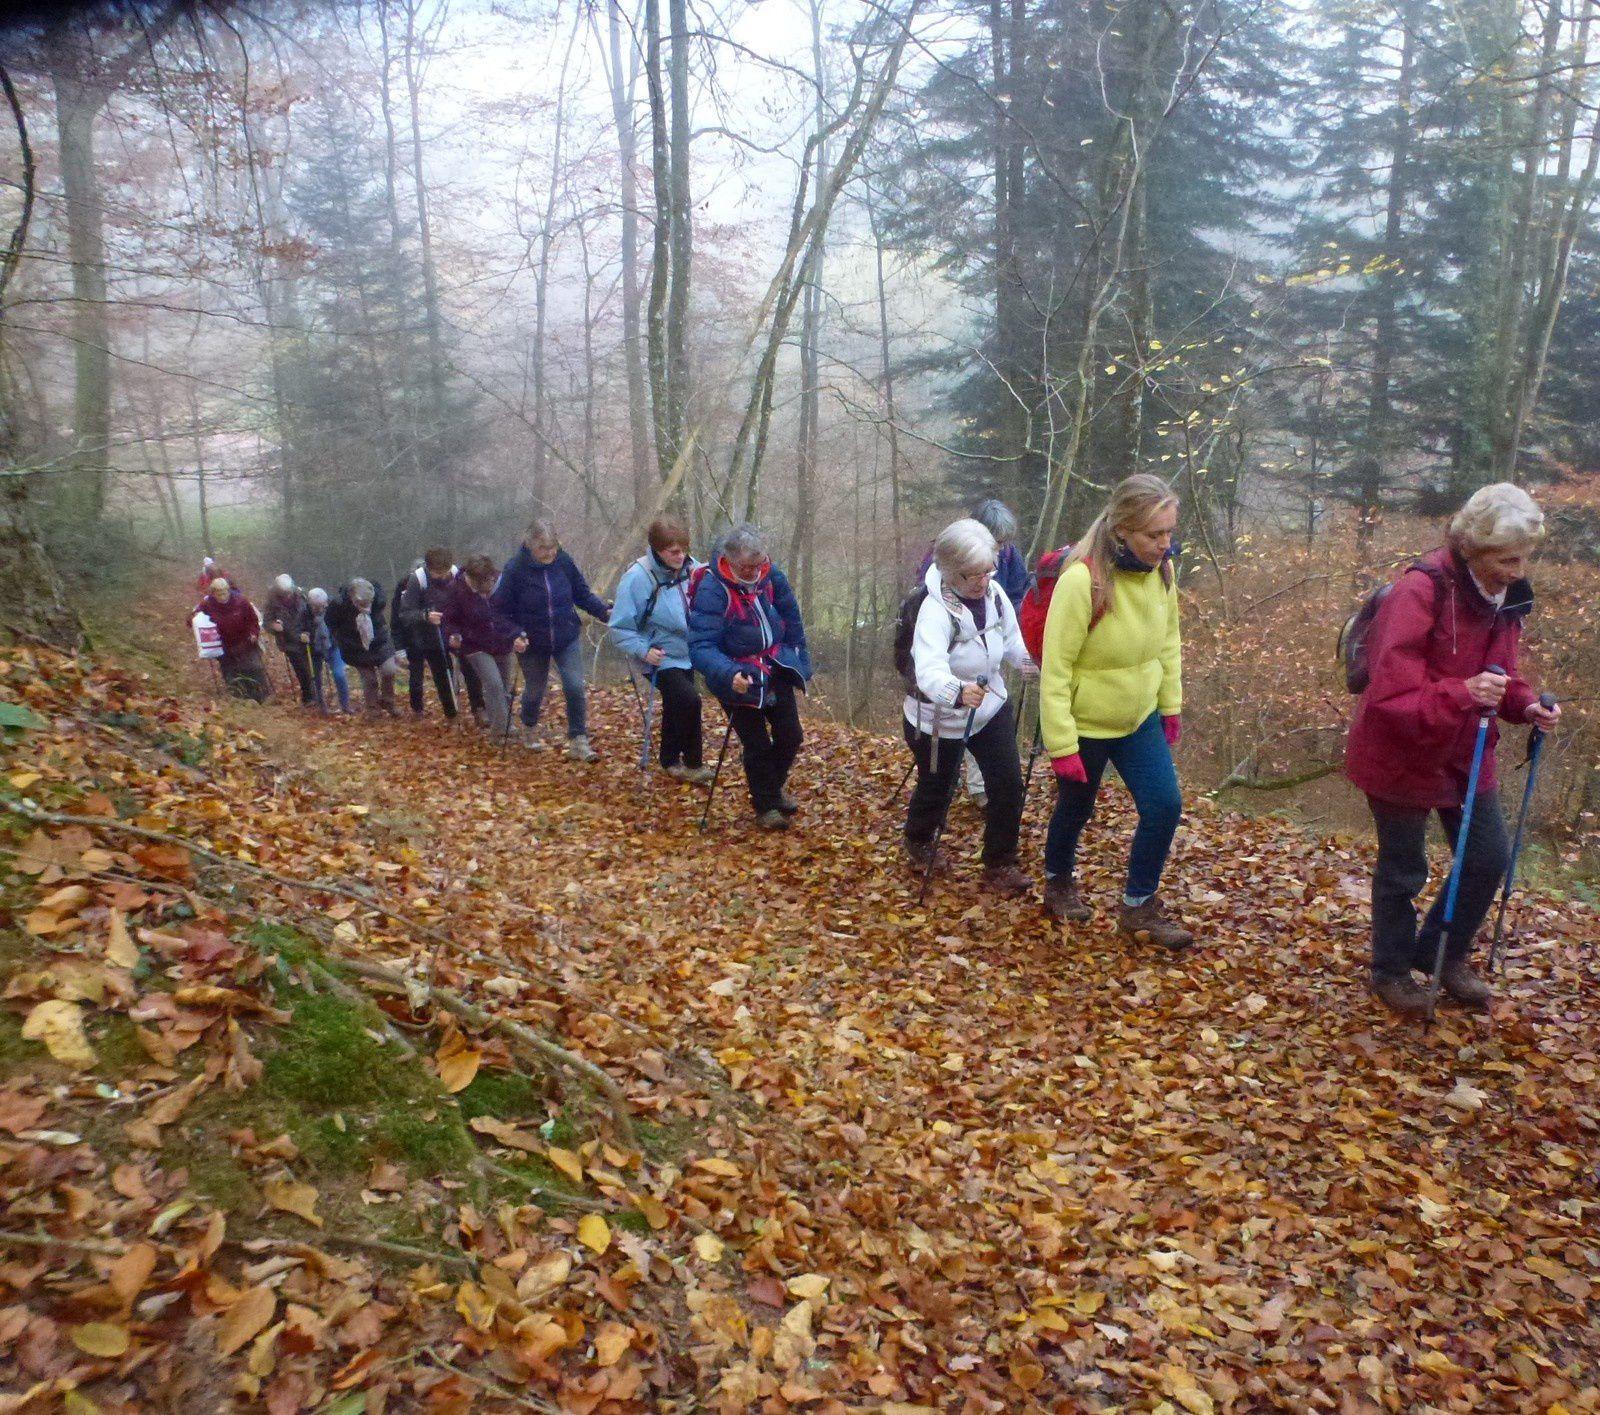 Sortie séniors, c'était le 14 novembre 2018 : Gunsbach sur le sentier de l'eau